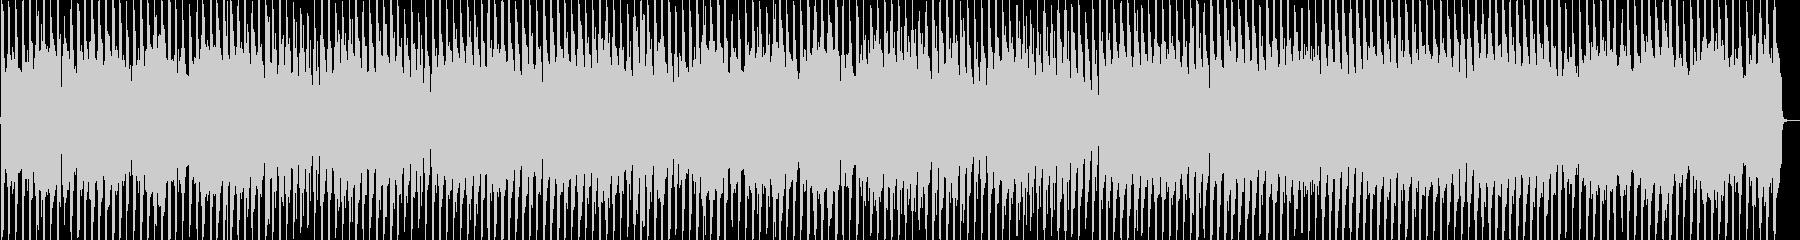 和とダンスビートの未再生の波形